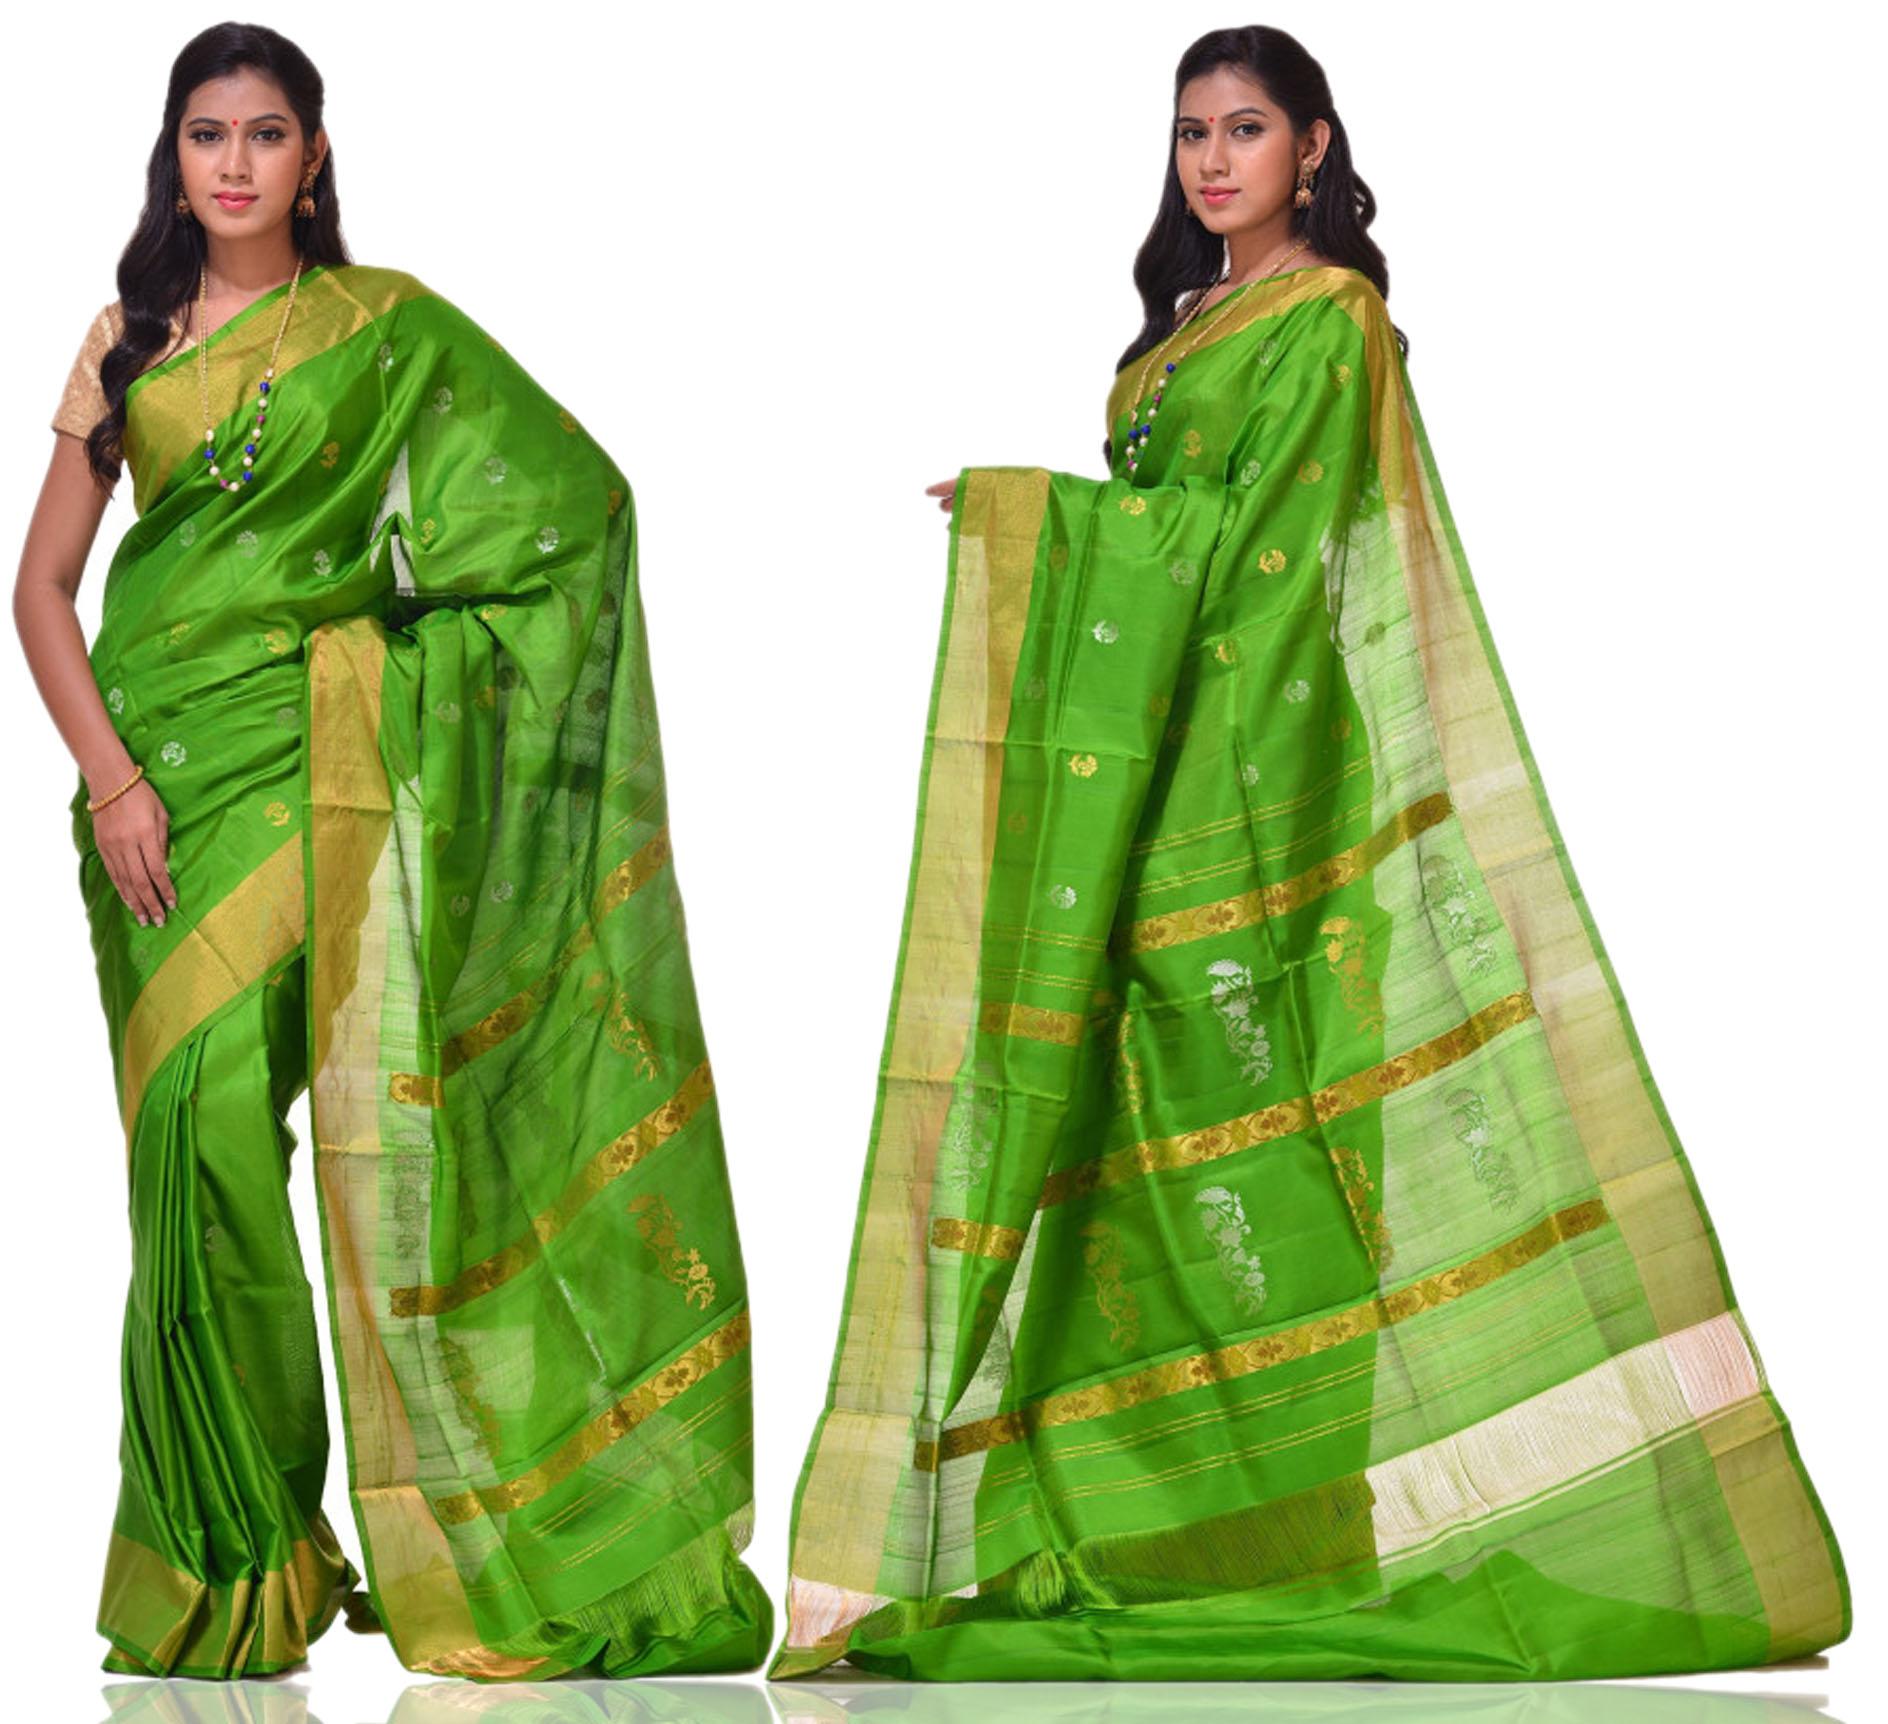 Price: - 10000/-   Uppada presents new collection of uppada sarees, uppada cotton silk sarees, uppada silk sarees, uppada silk sarees. Sign up now for E-book you will be updated with latest collection of ethnic verities. For More Info Click on :- www.uppada.com  We manufacture of Uppada sarees, Paithani sarees, Banarasi sarees, Venkatagiri Sarees, Gadwal Sarees, Khadi sarees, Hand Painted Kalamkari Dupatta, Ikkat sarees, Kanchipuram Sarees, Dupattas, Stoles etc. For more info us at 040 64640303, 441905005.  - by Paithani, Hyderabad